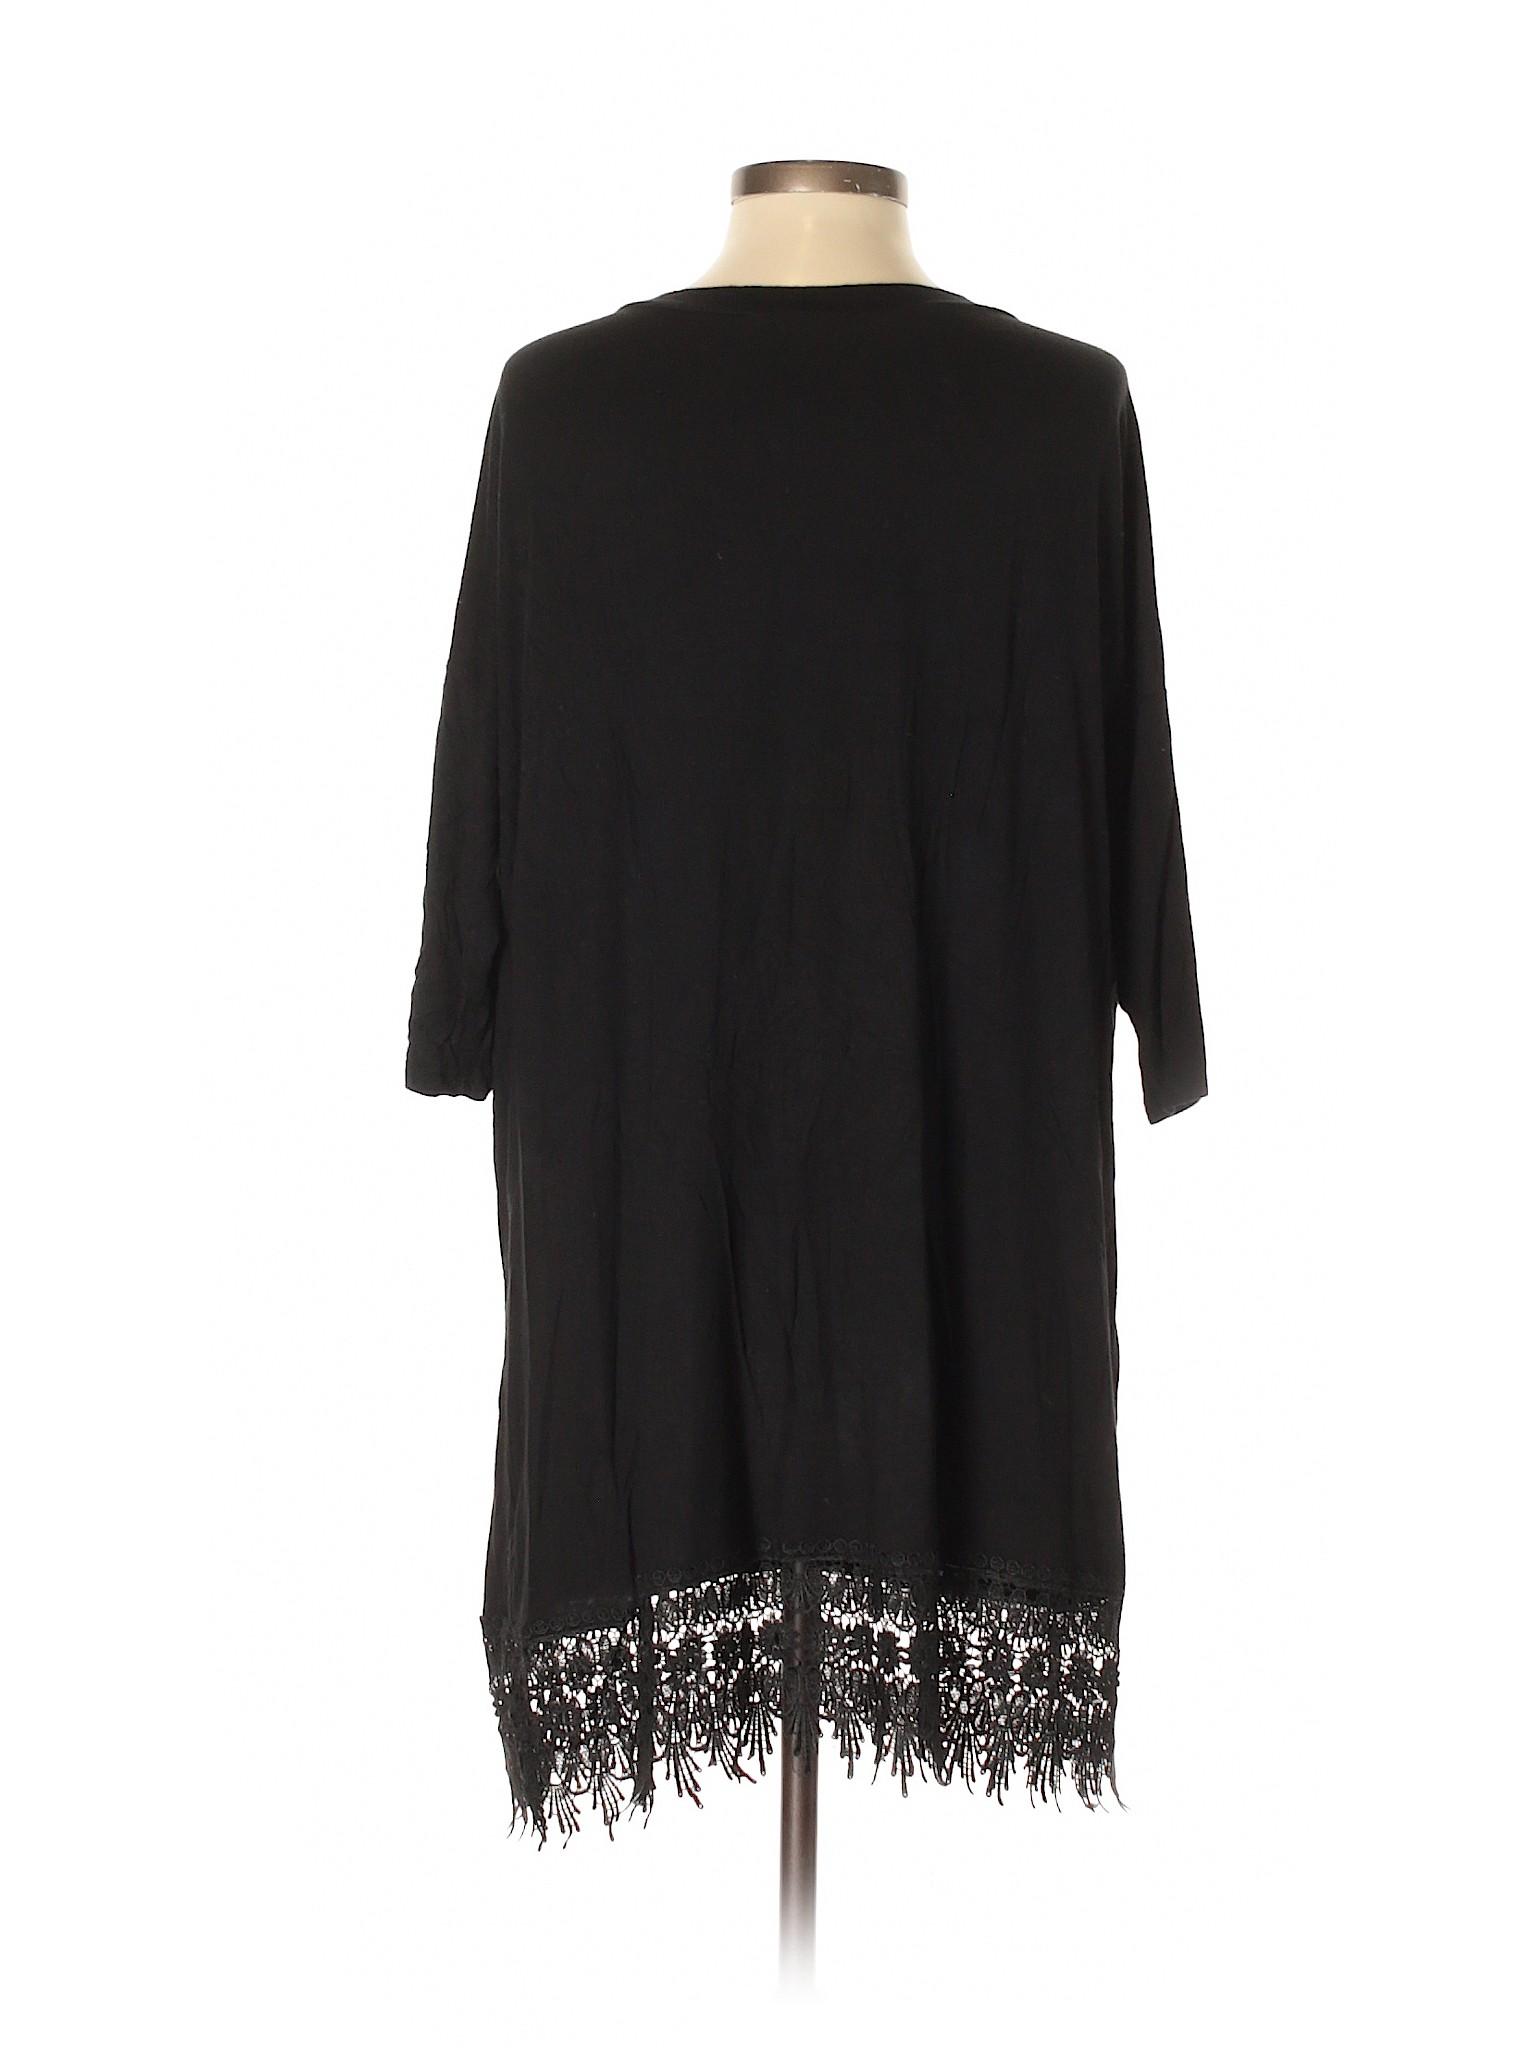 Dress Ami Mon winter Boutique Casual wI7gxaq